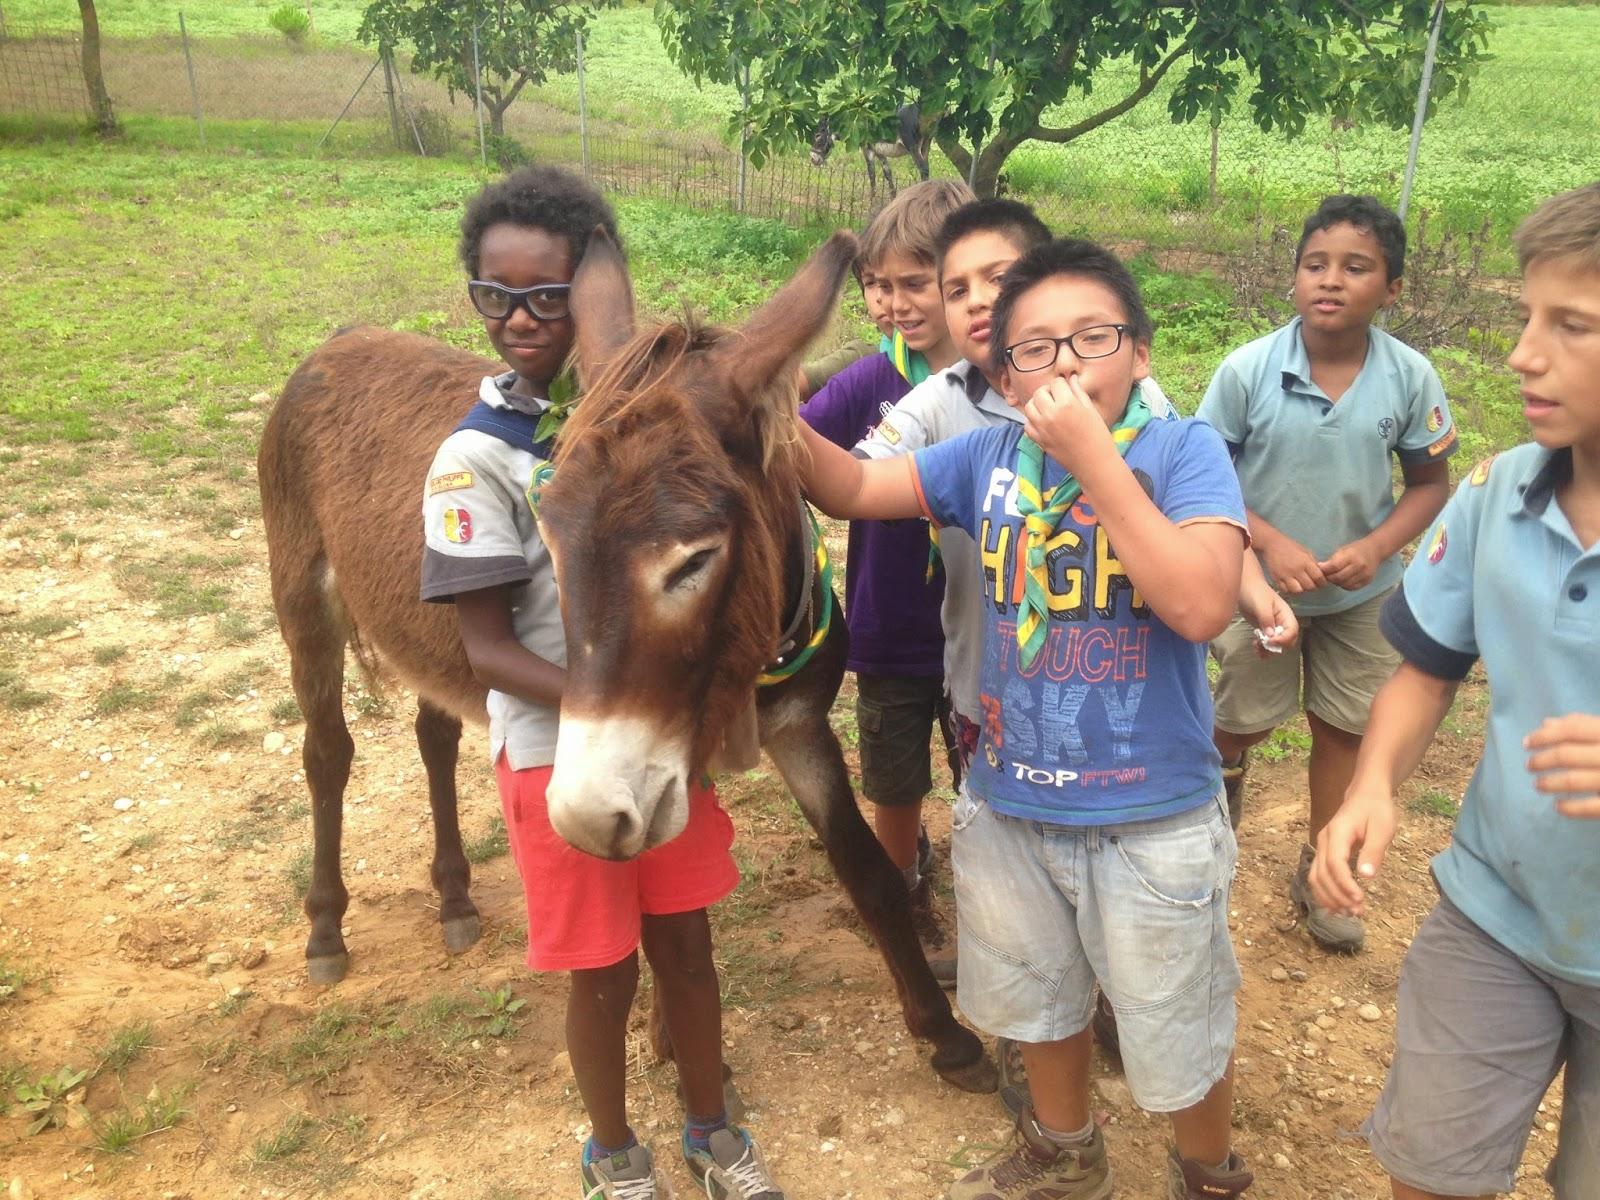 Campaments Estiu Cabanelles 2014 - IMG_0058.JPG